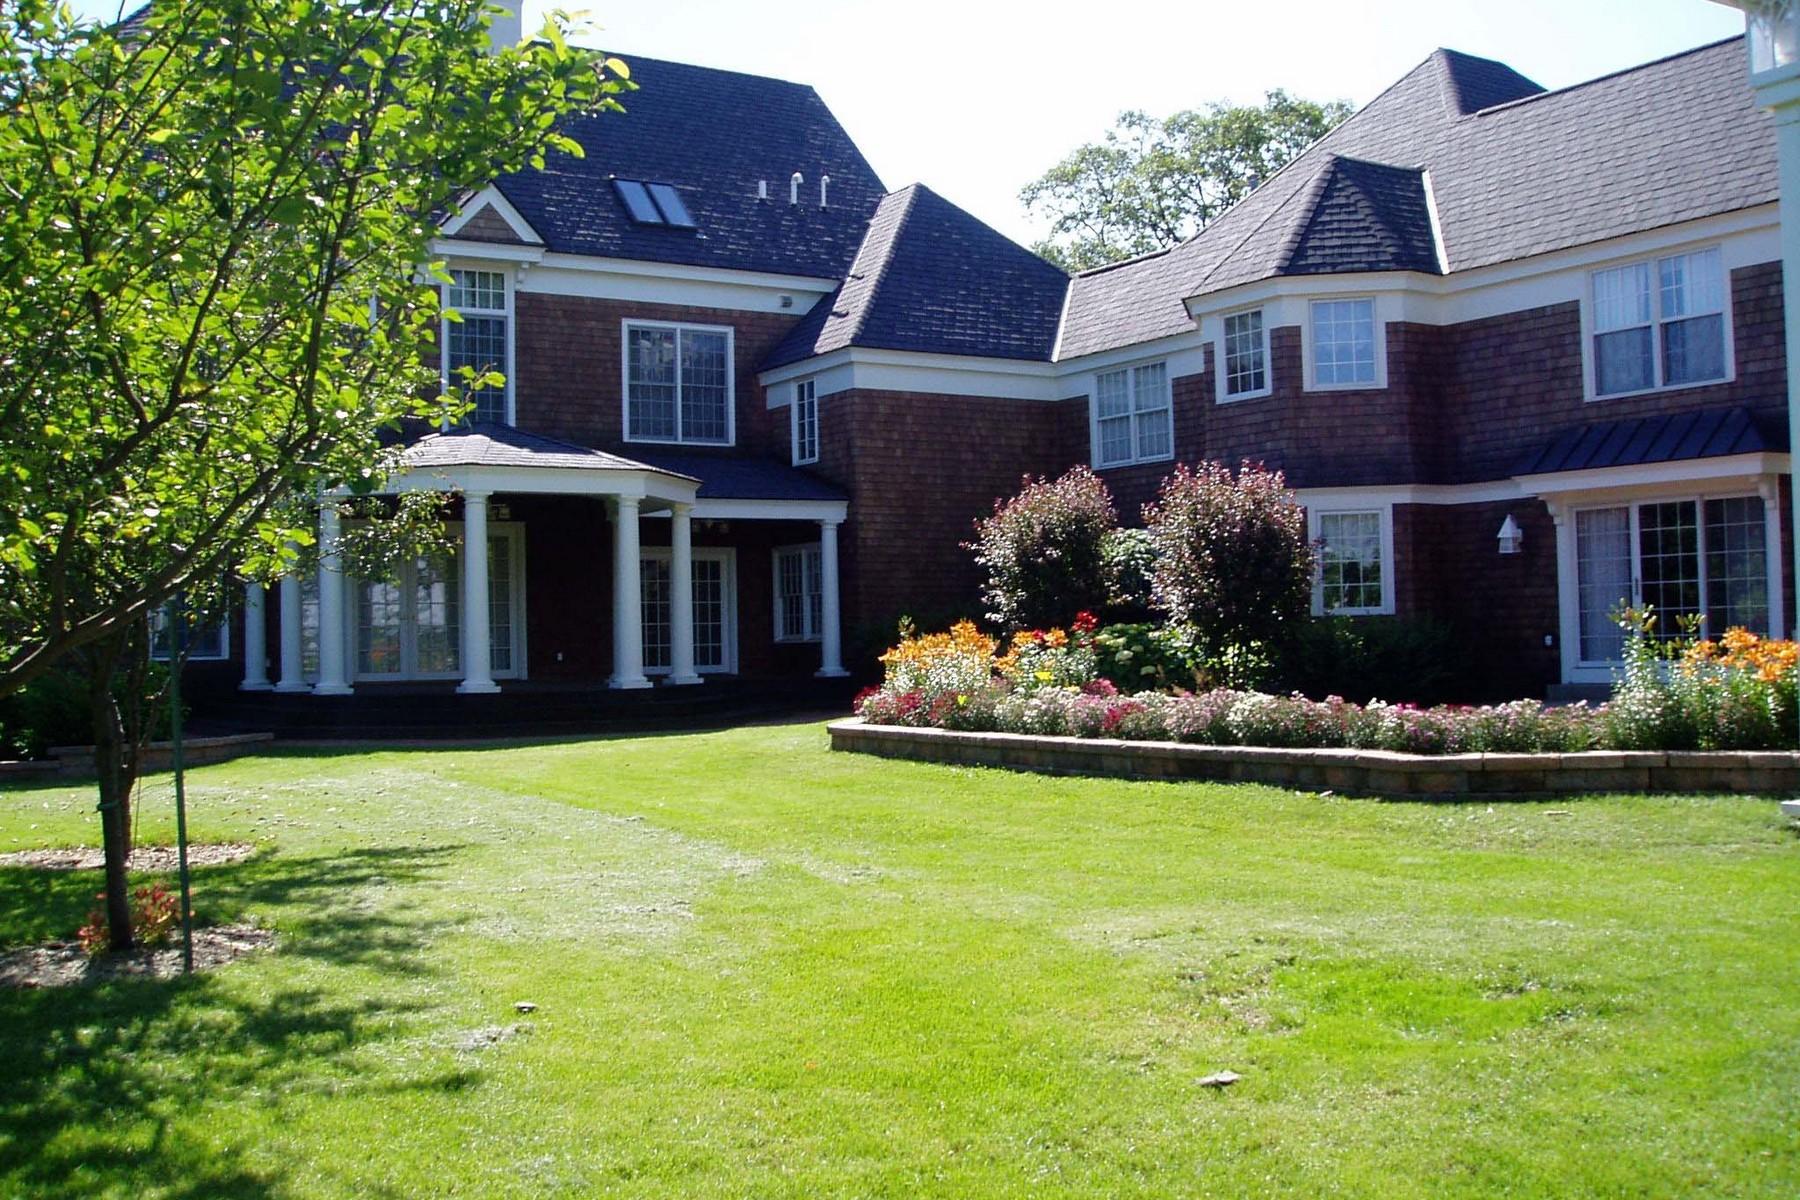 Частный односемейный дом для того Продажа на Perfect retreat! 16556 County Line Road Capron, Иллинойс 61012 Соединенные Штаты